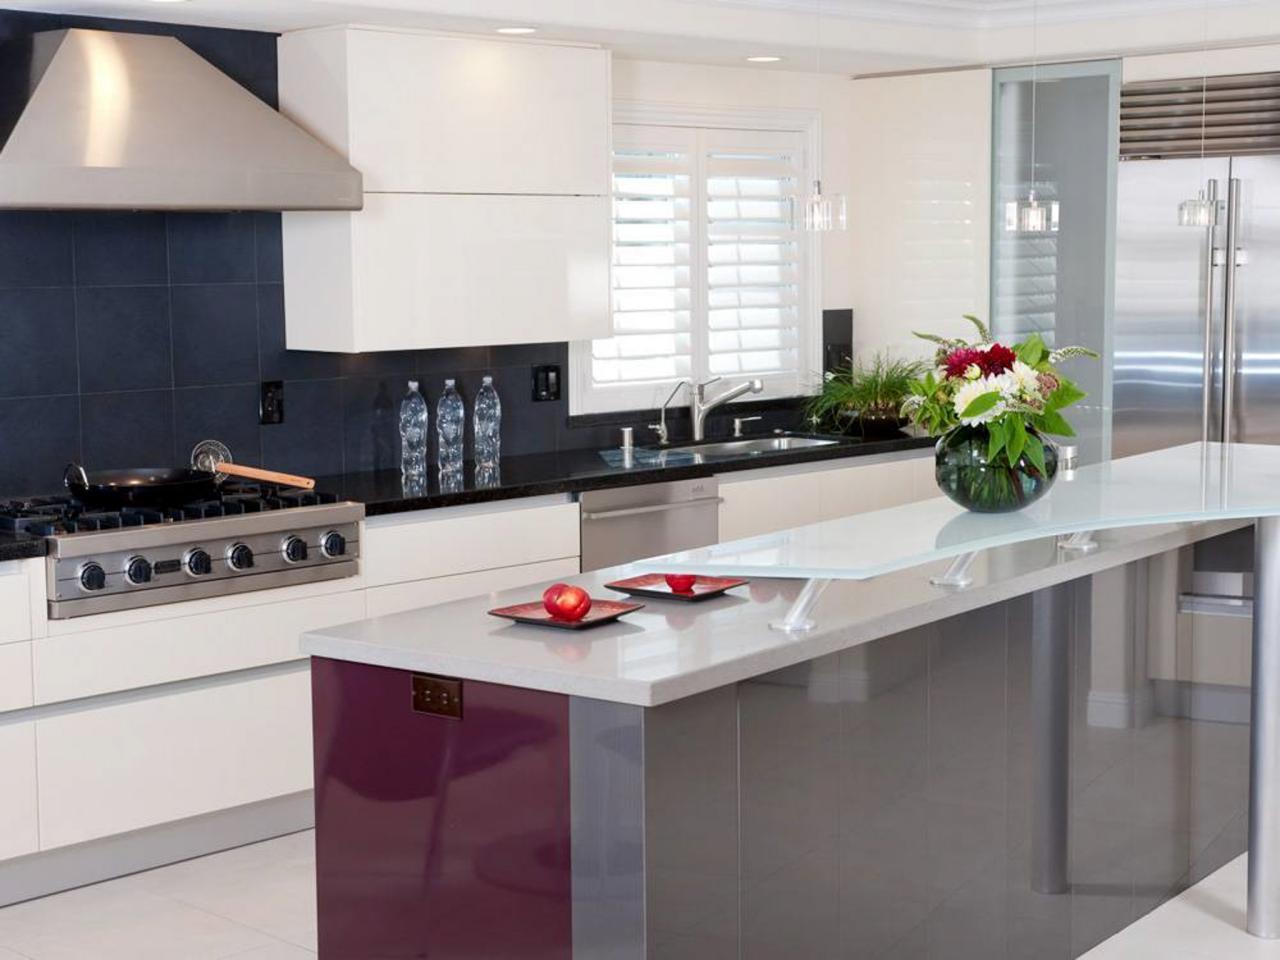 Contemporary Modern Kitchen Design modern kitchen design ideas